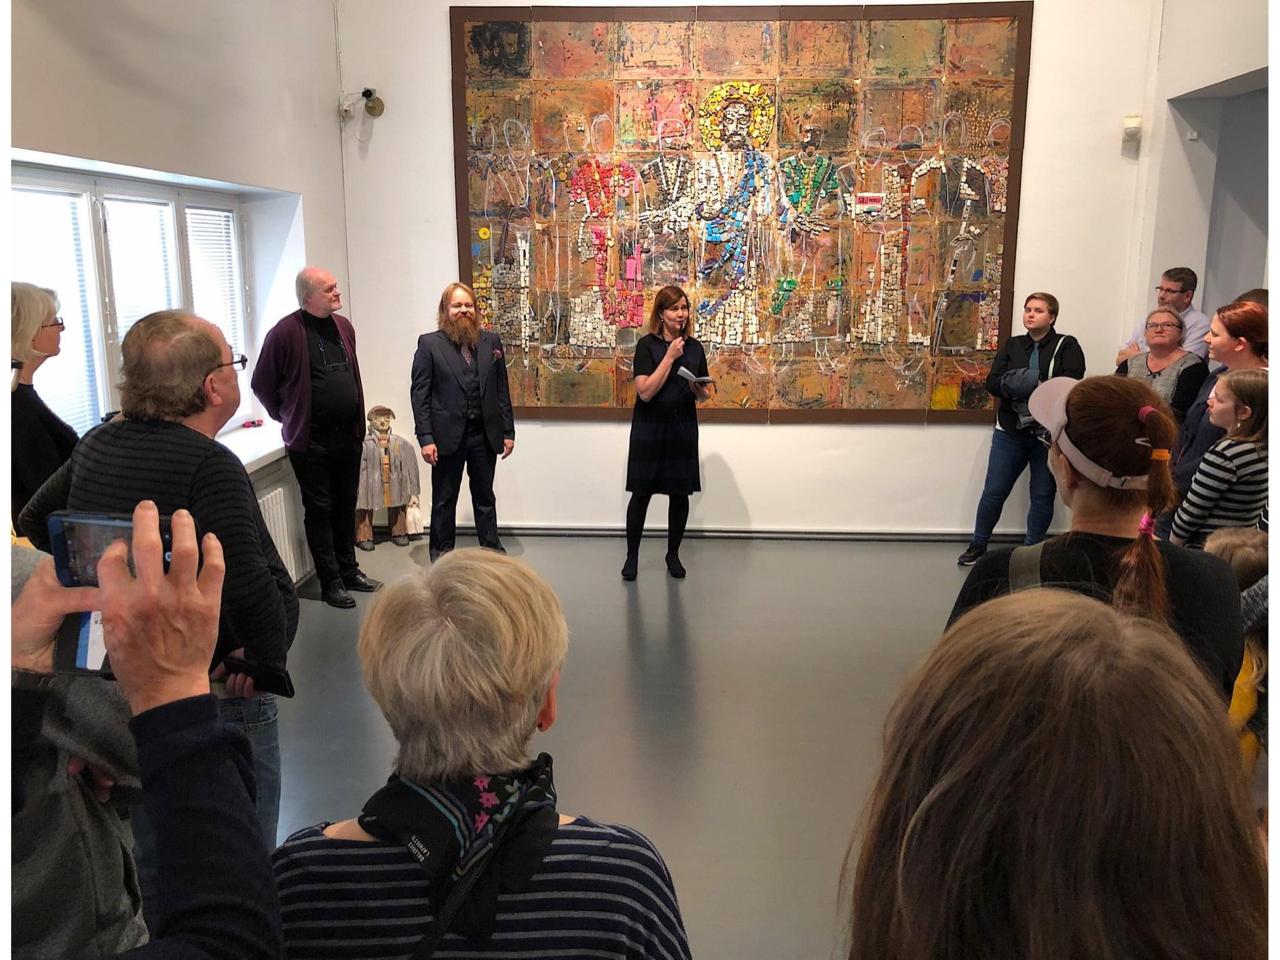 Il mondo dell'arte al tempo della pandemia/2. Intervista a Pirjo Immonen, direttore del Taidemuseo di Kajaani